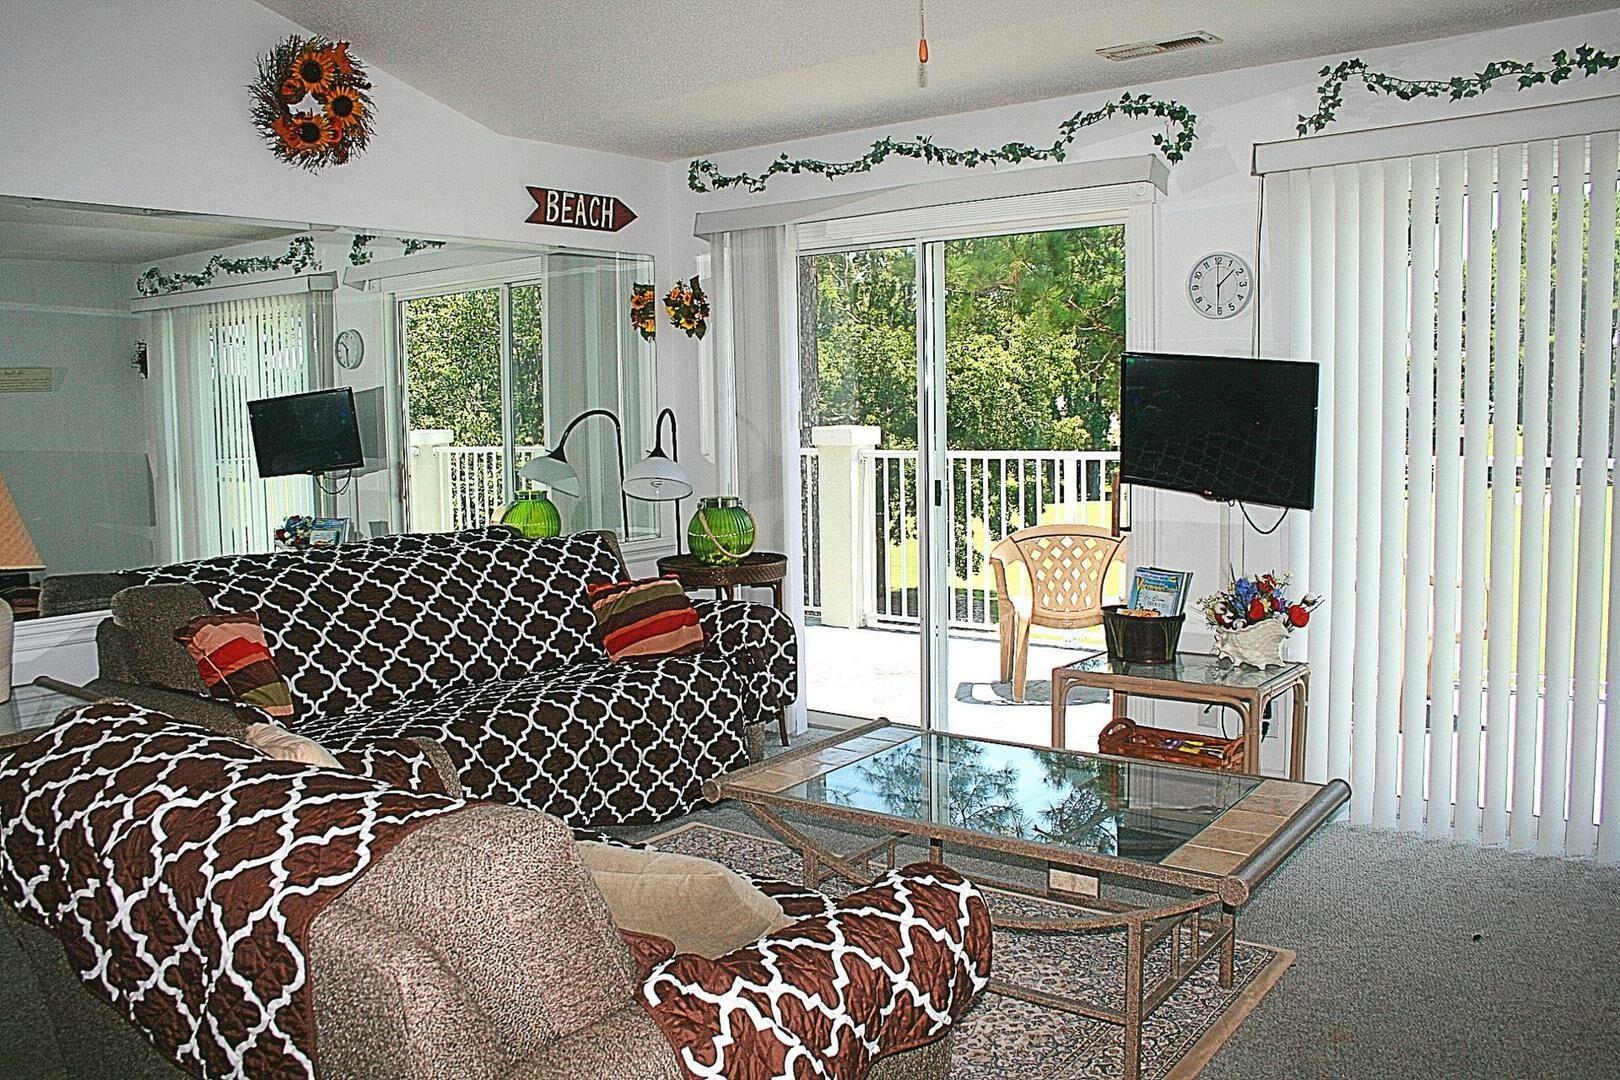 508M 1 Bedroom/1 Bath Villa